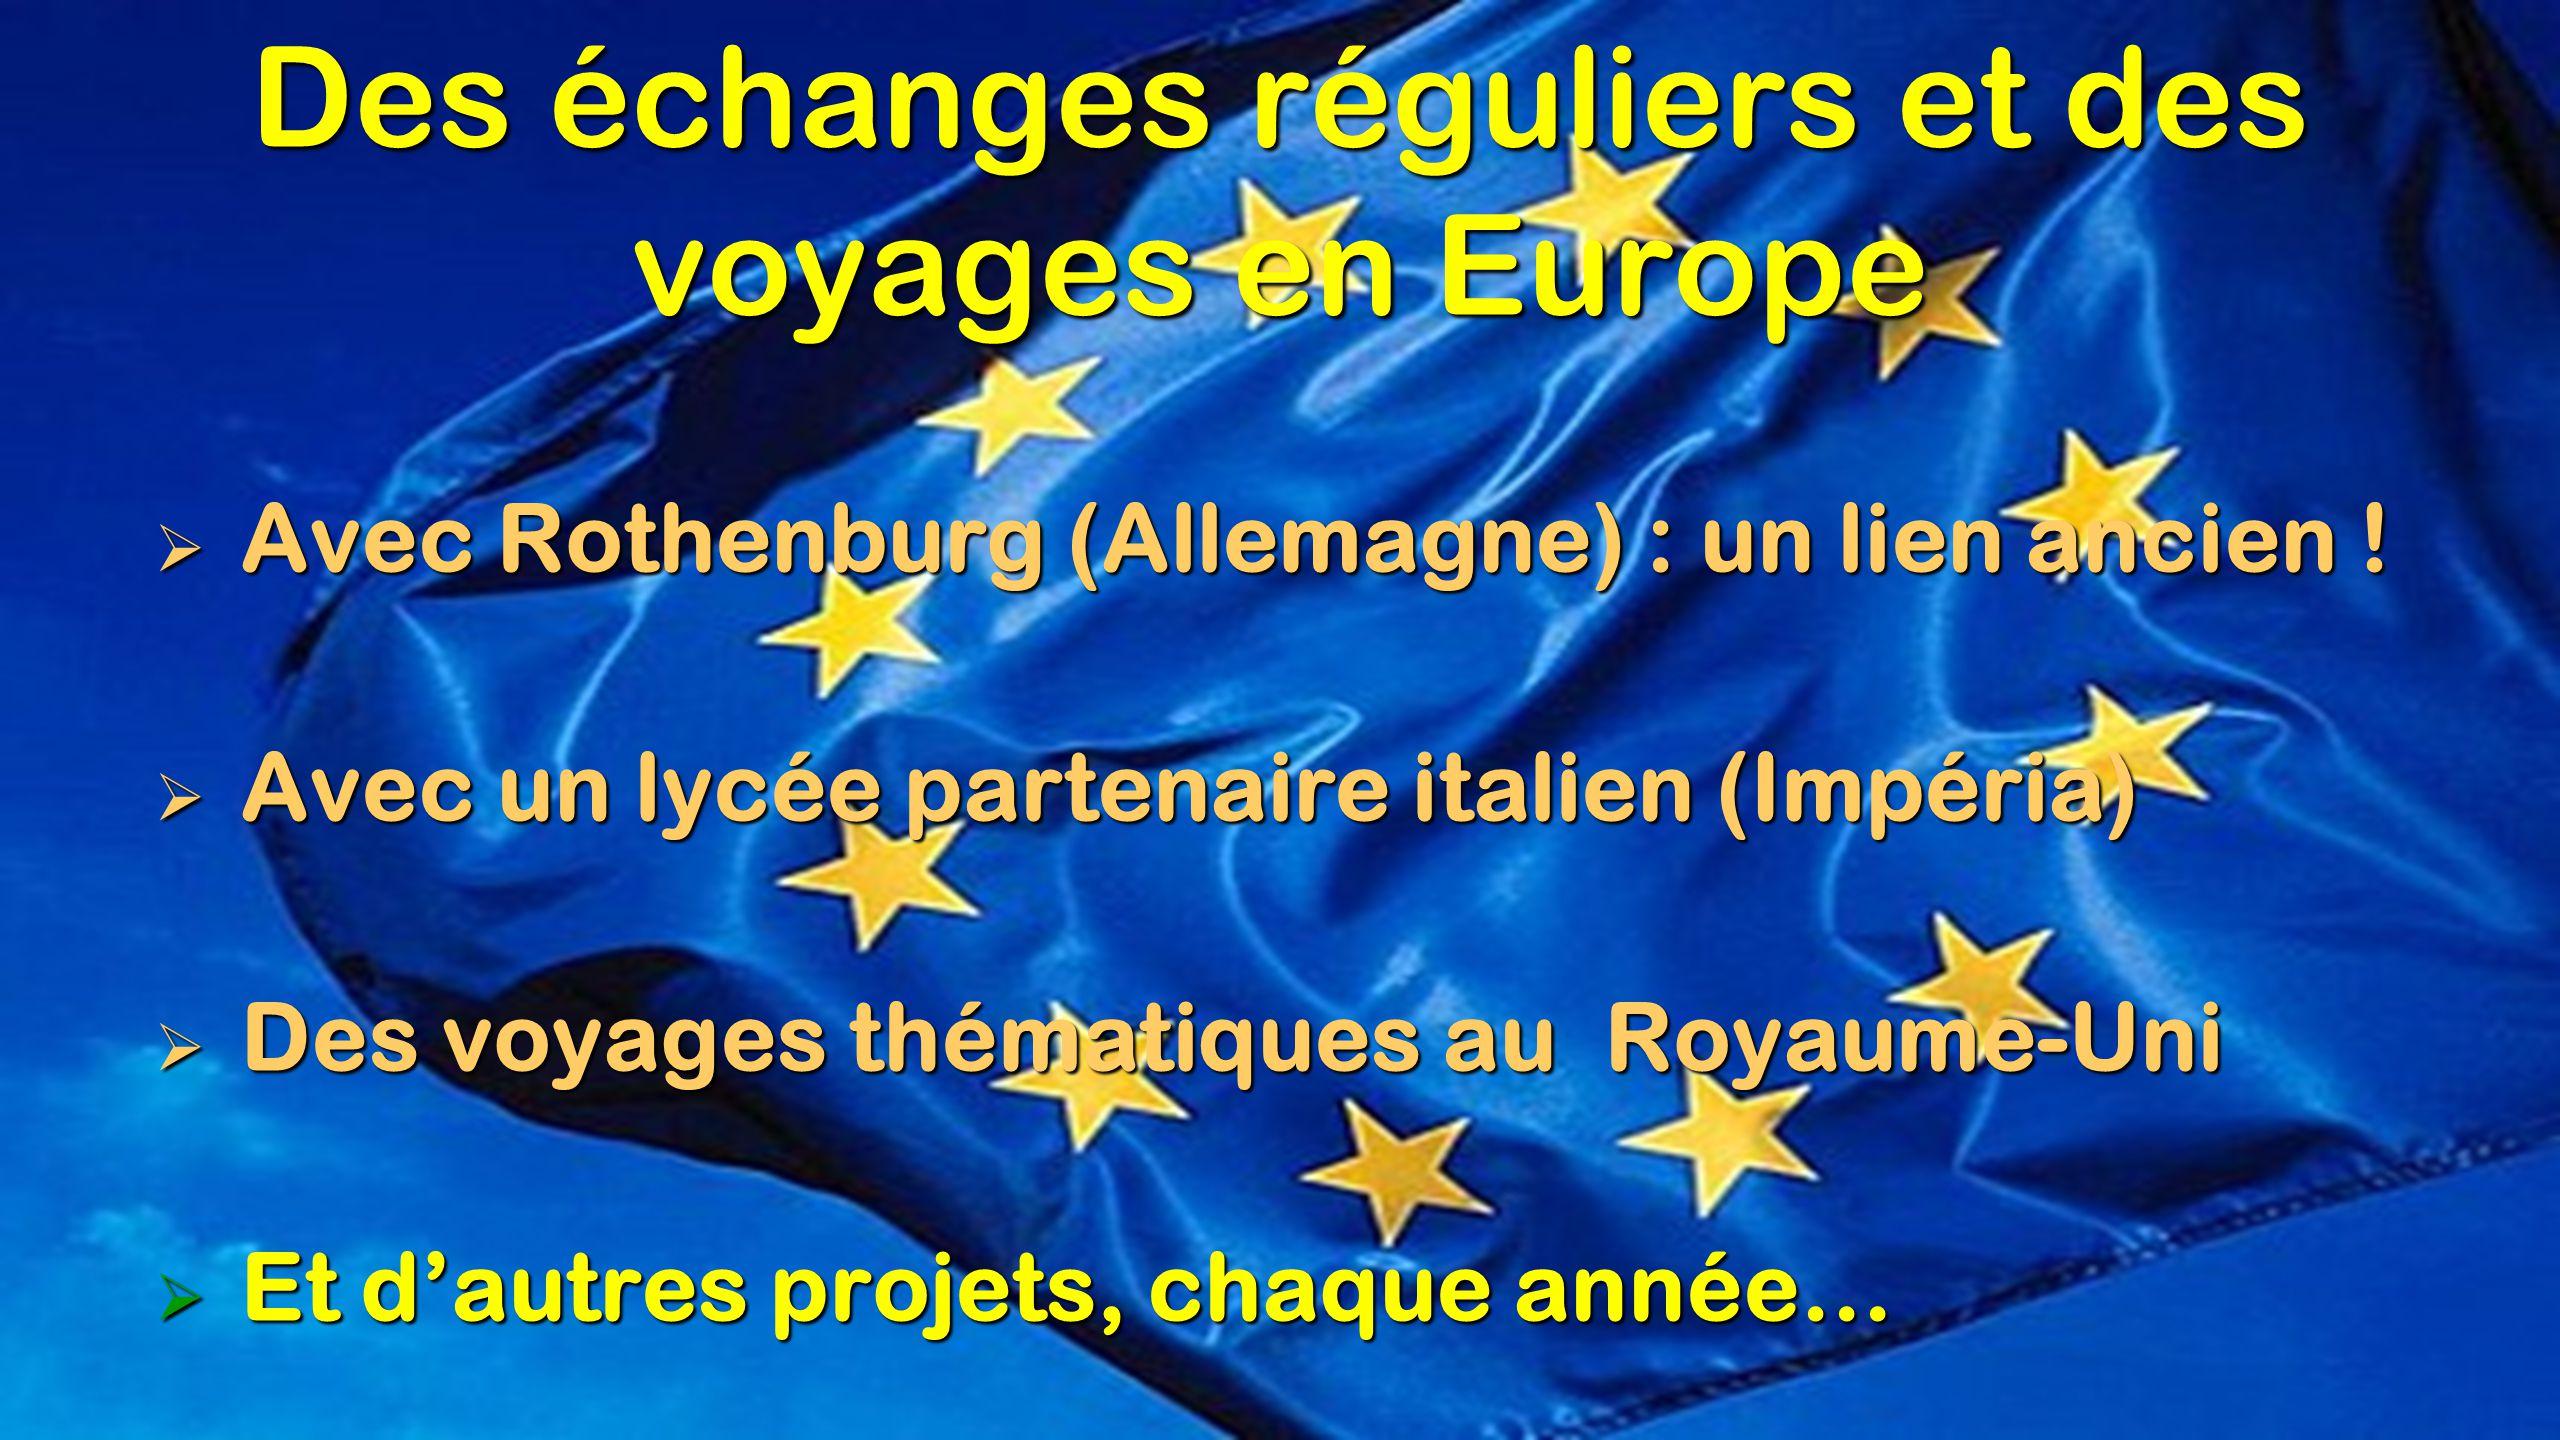 Des échanges réguliers et des voyages en Europe